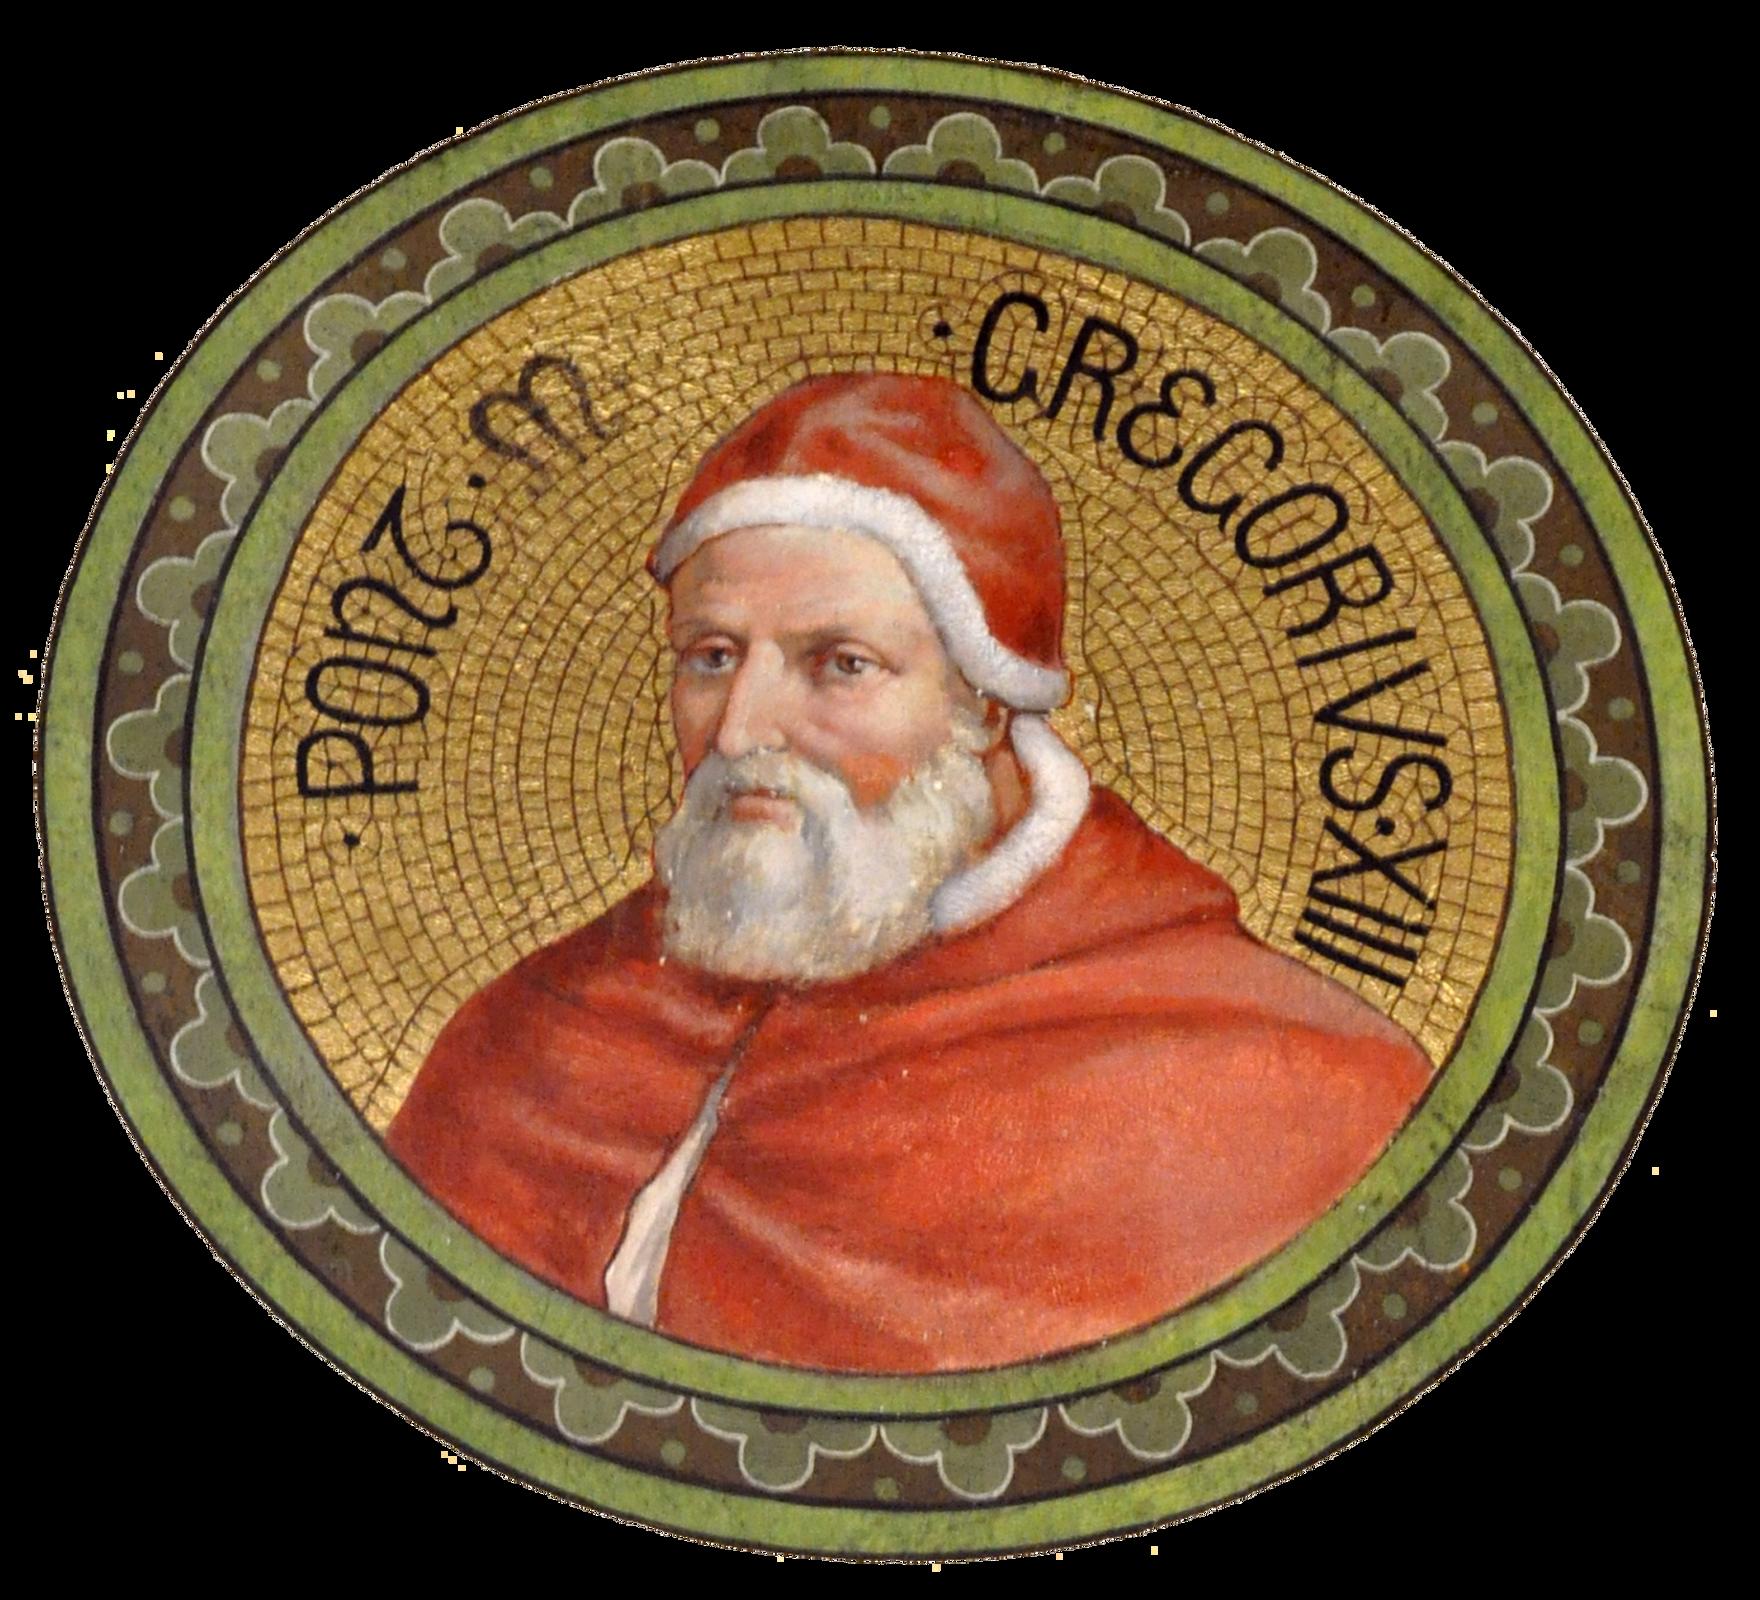 Ilustracja przedstawia portret papieża Grzegorza trzynastego. Portret wkształcie koła. Głowa itors skierowane wlewo. Twarz pokryta zmarszczkami. Nos duży, ostro zakończony. Wąsy ibroda szarobiałe. Broda zakrywa szyję iłączy się zbokobrodami. Papież ubrany wtradycyjny czerwony strój. Czerwona czapka obszyta paskiem zbiałego futra. Czapka zasłania włosy nad czołem oraz uszy. Ramiona zakryte czerwoną peleryną. Kaptur peleryny obszyty wąskim paskiem białego futra. Tło portretu złote, wformie drobnej mozaiki. Krawędź portretu otacza szeroki pas wkolorze zielonym zczarną obwódką.